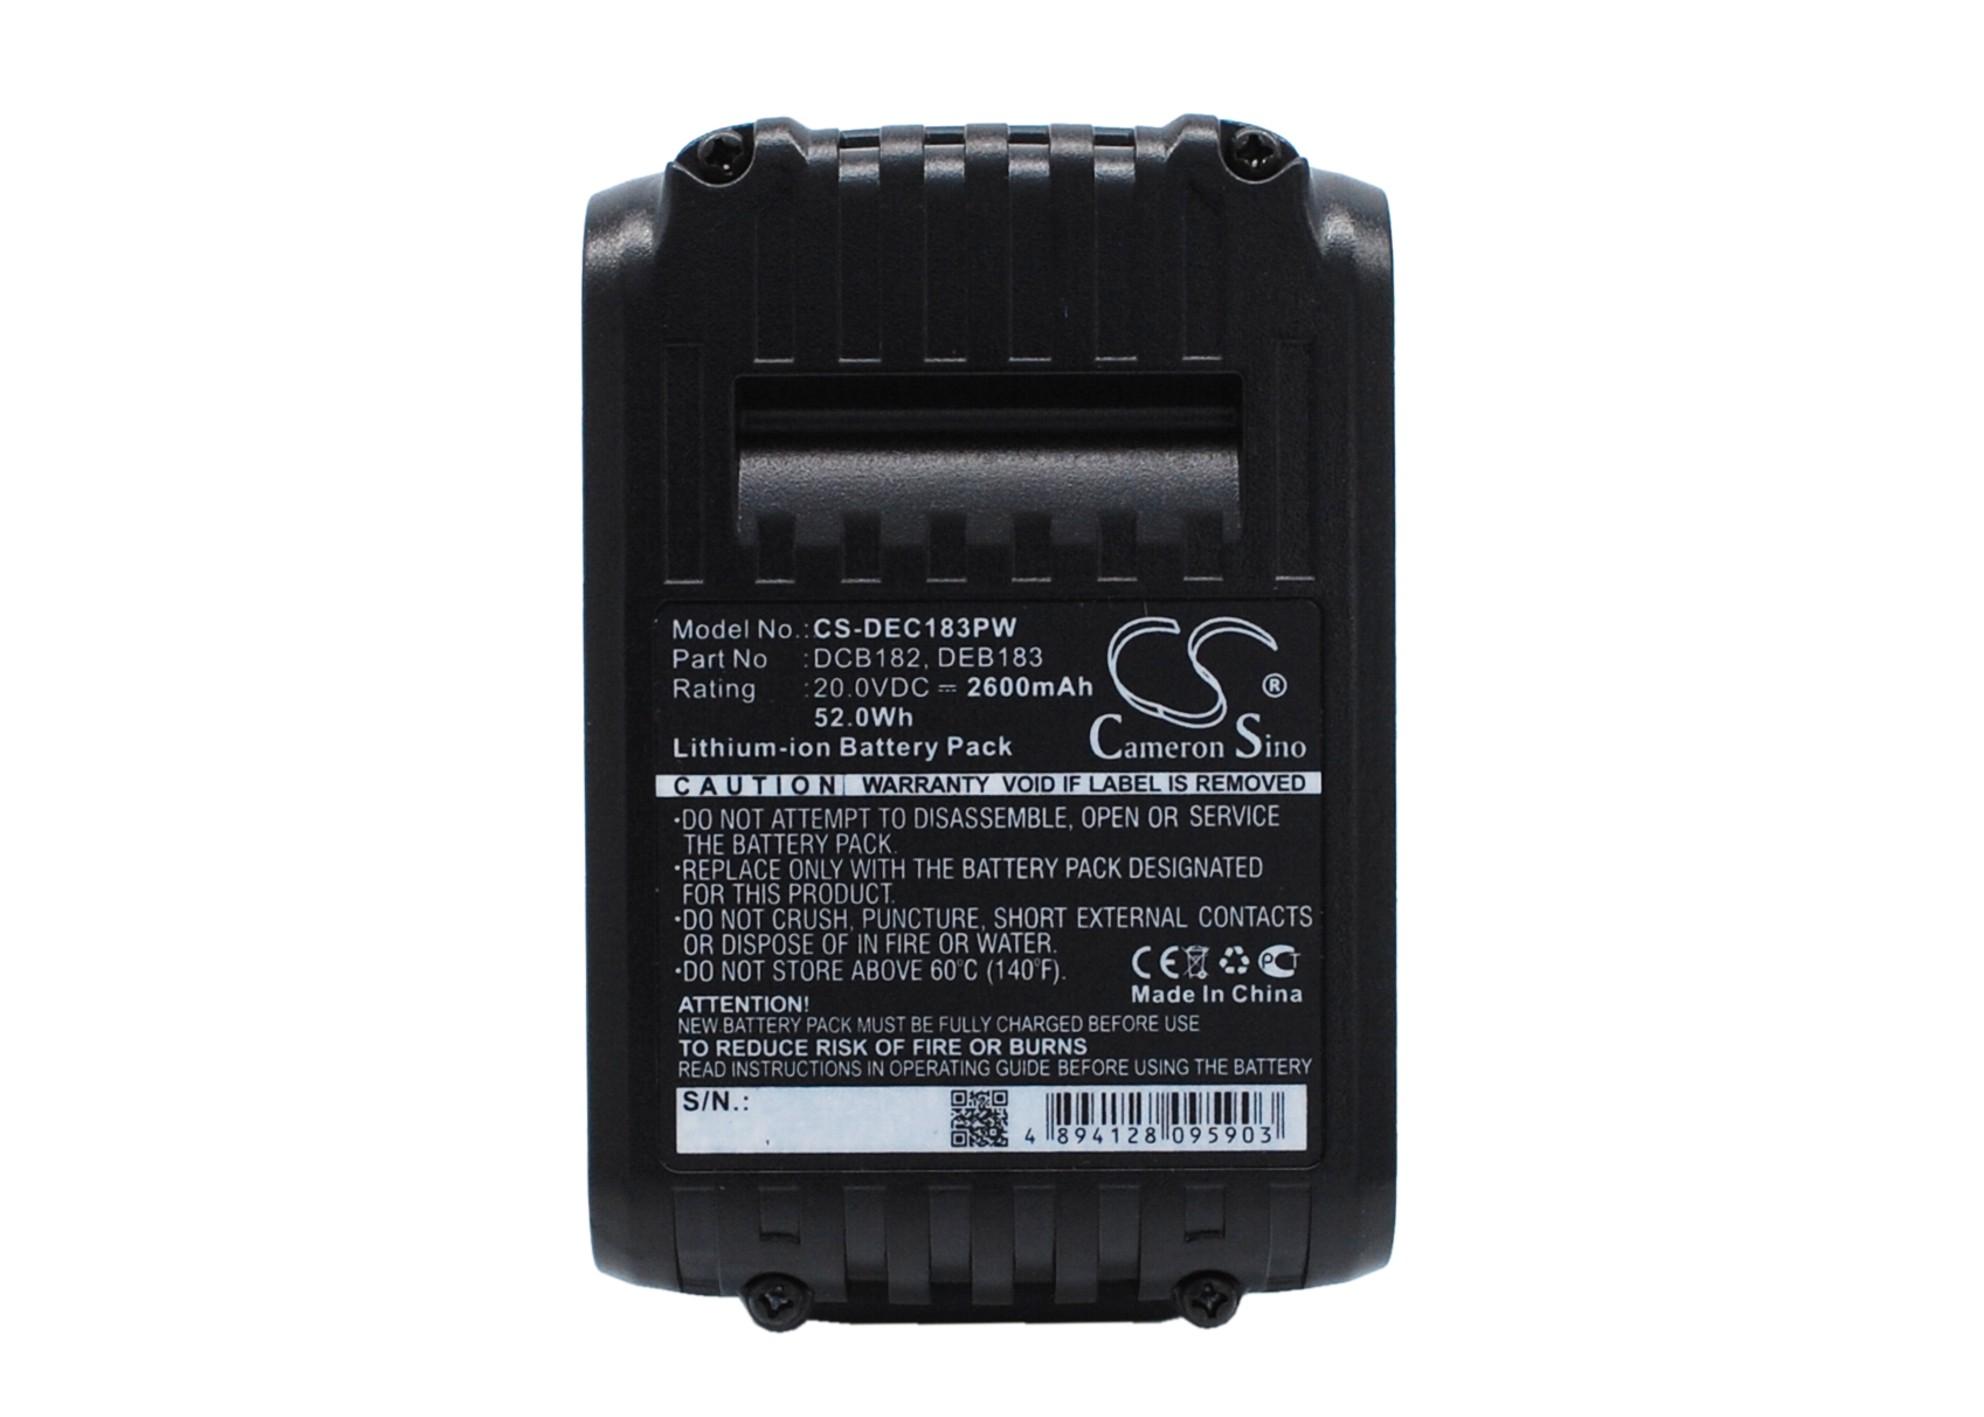 Cameron Sino baterie do nářadí pro DEWALT DCD985L2 20V Li-ion 2600mAh černá - neoriginální